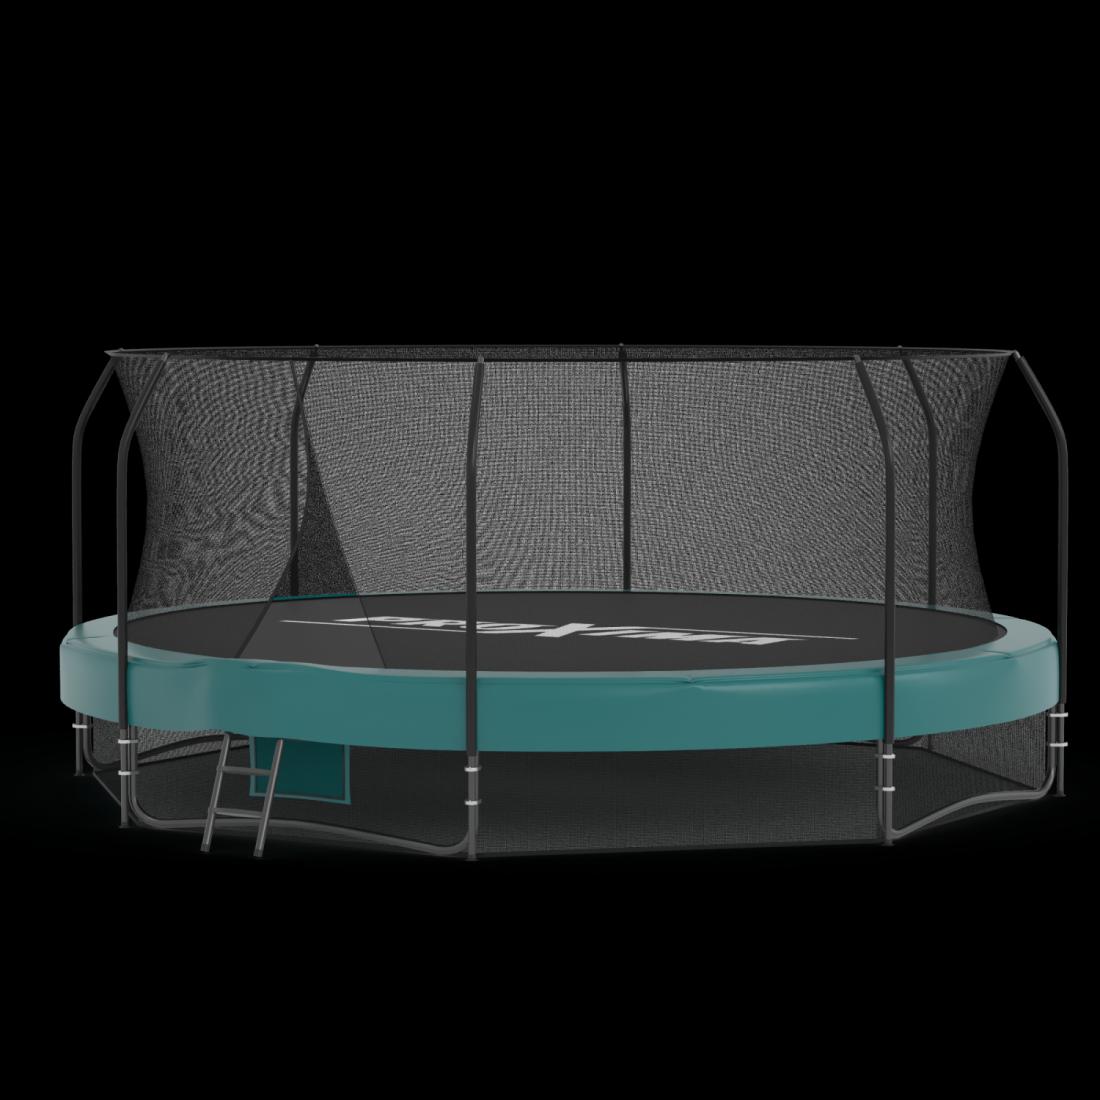 Батут Proxima Premium (427 см, до 160 кг)